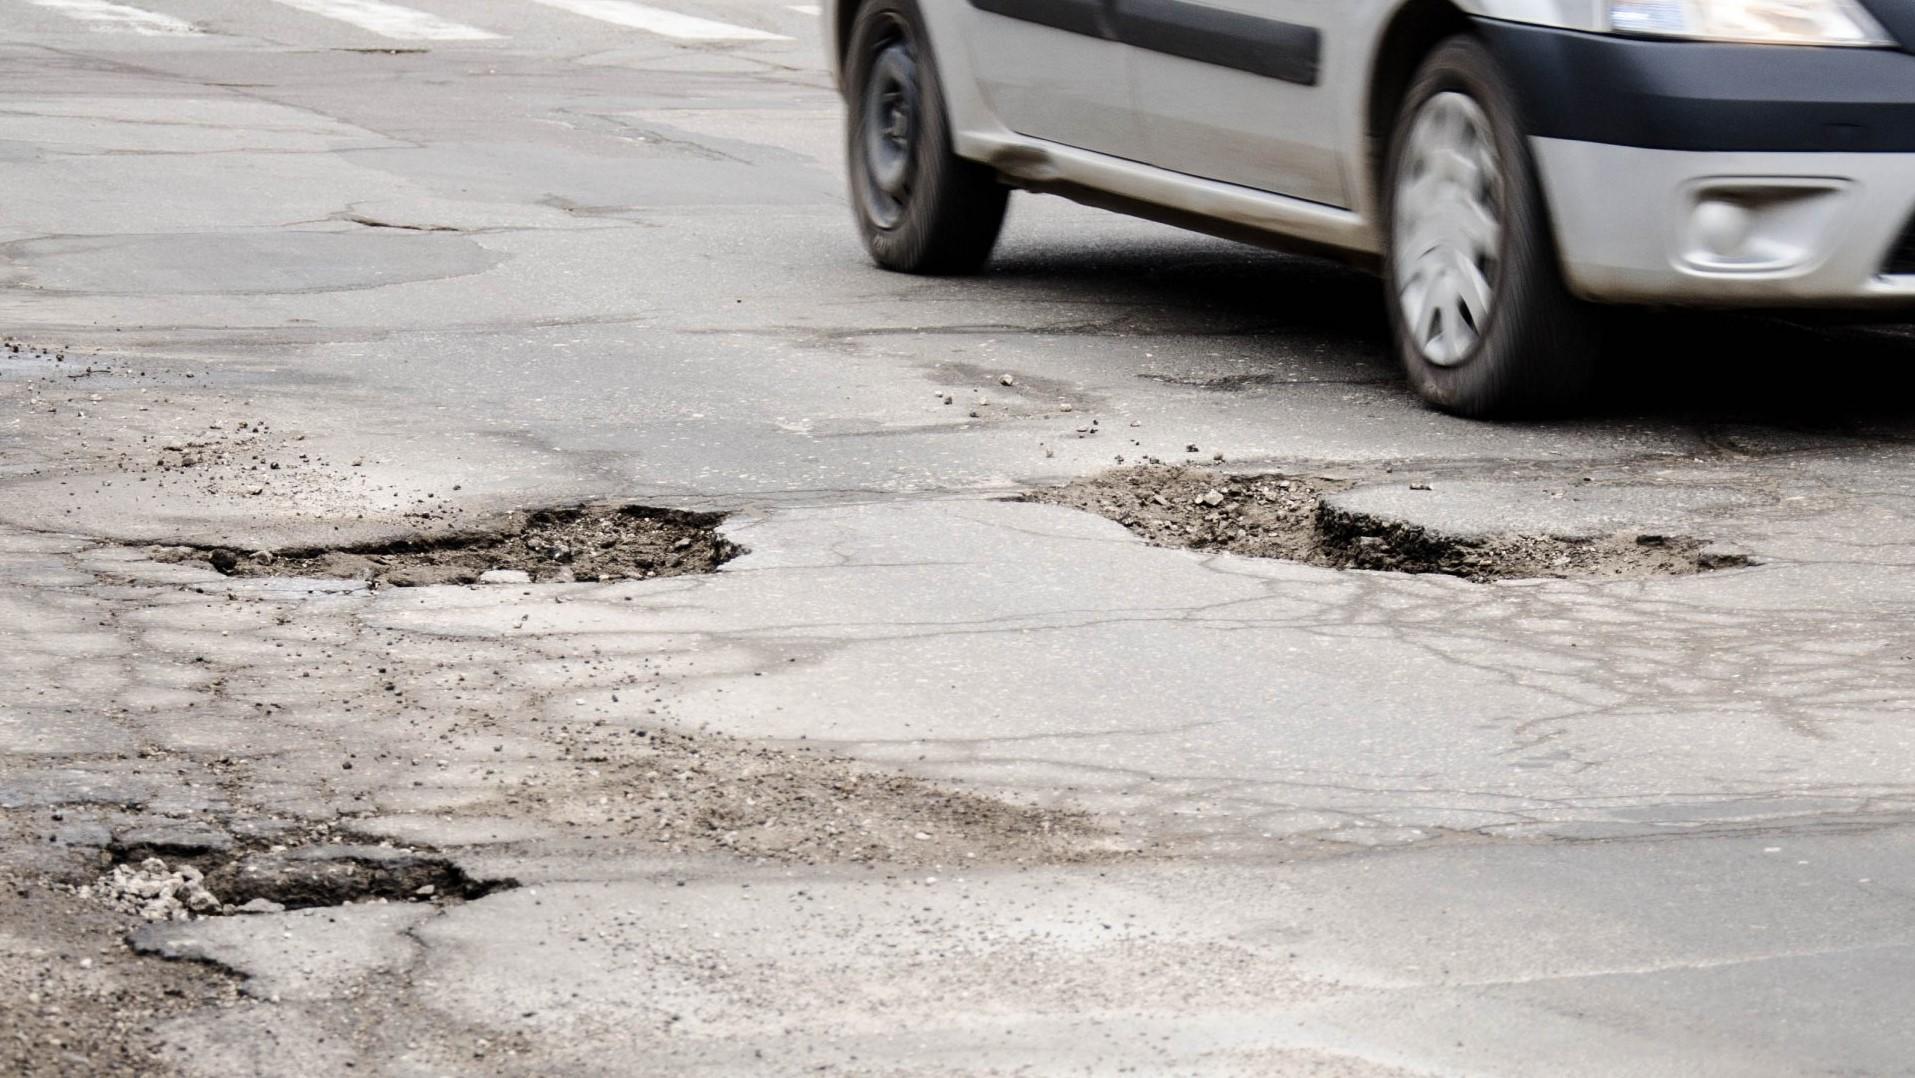 Как в Украине получить компенсацию за сломанное в яме авто